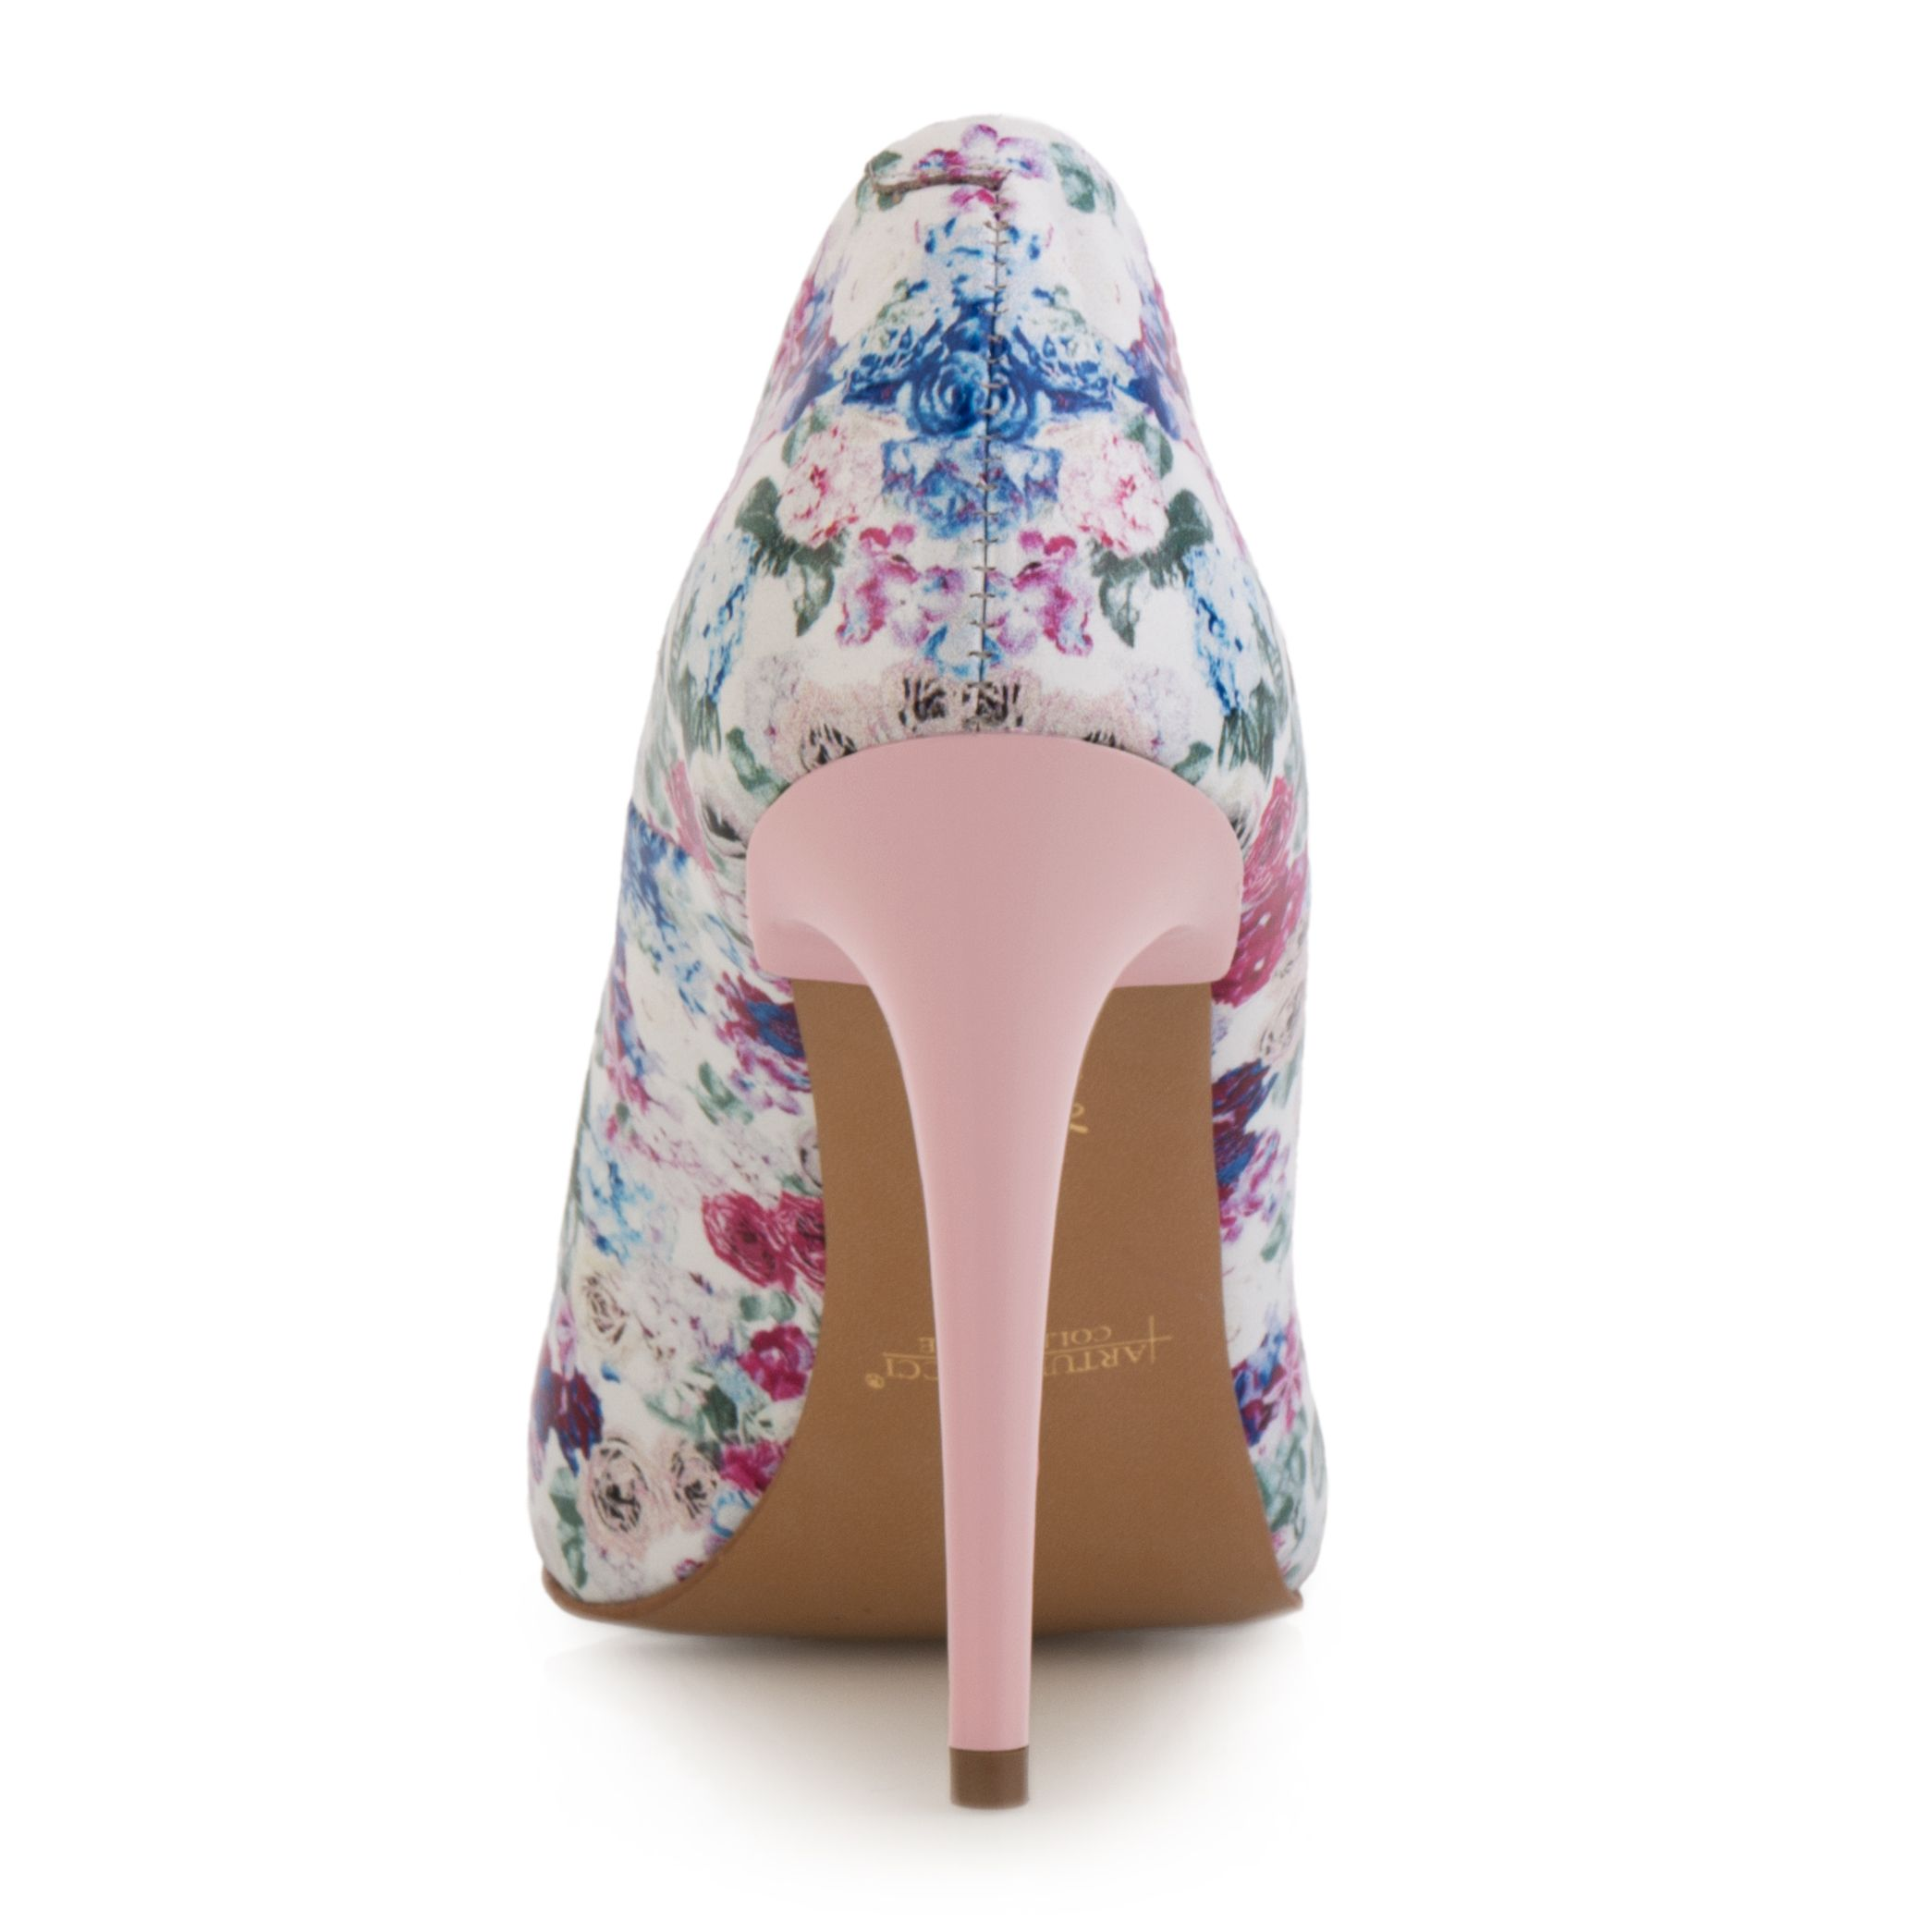 Szpilki Biale W Kolorowe Kwiaty Arturovicci Pl Heels Wedding Shoe Christian Louboutin Pumps